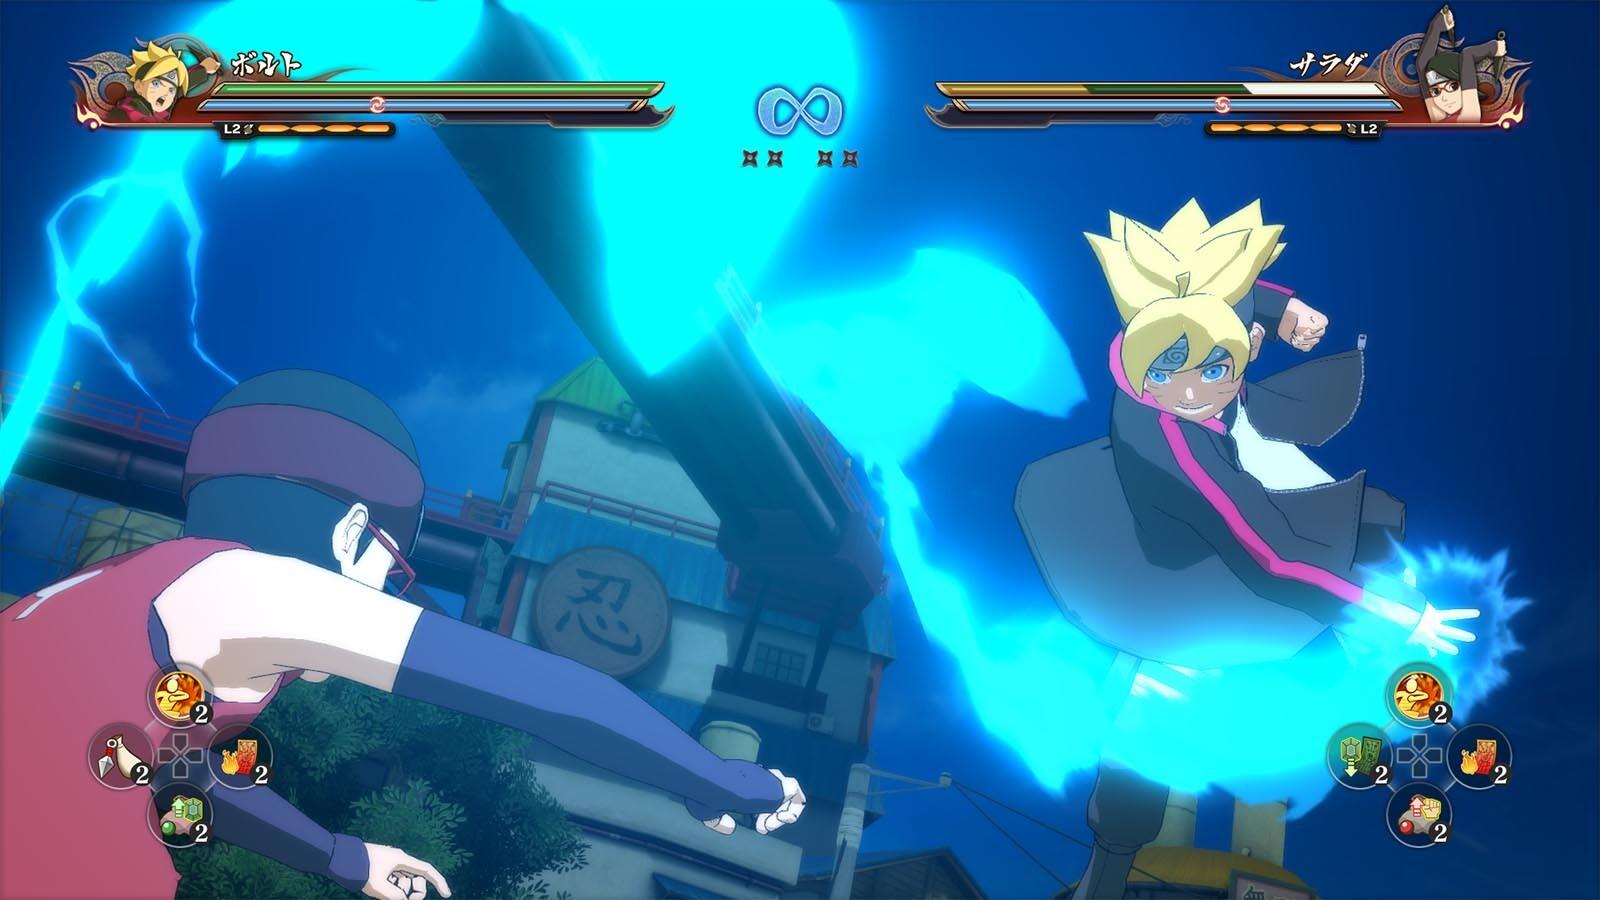 78 Gambar Naruto Shippuden Ultimate Ninja Storm 4 Terlihat Keren